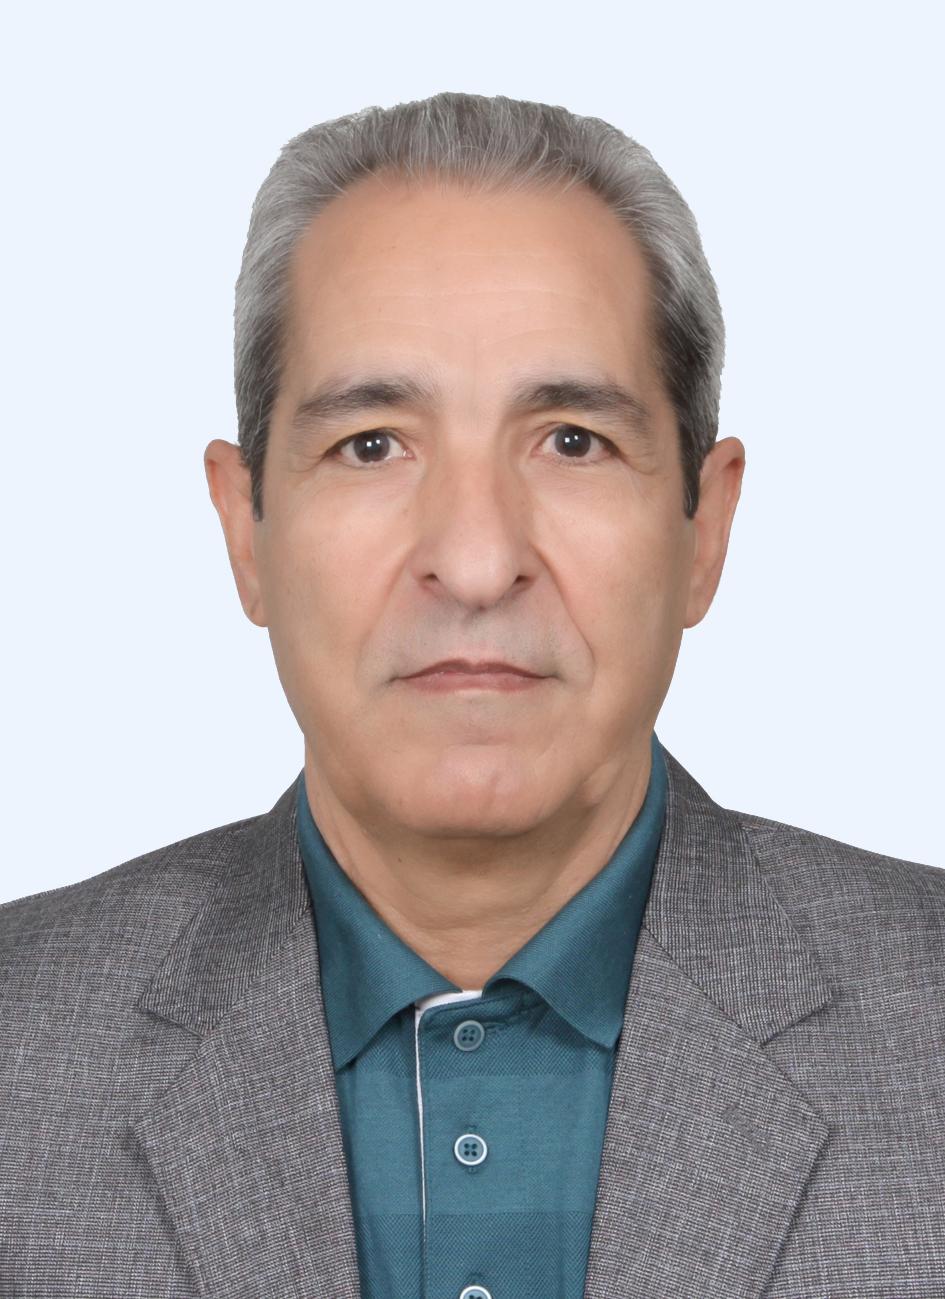 Nabi Mirzaee